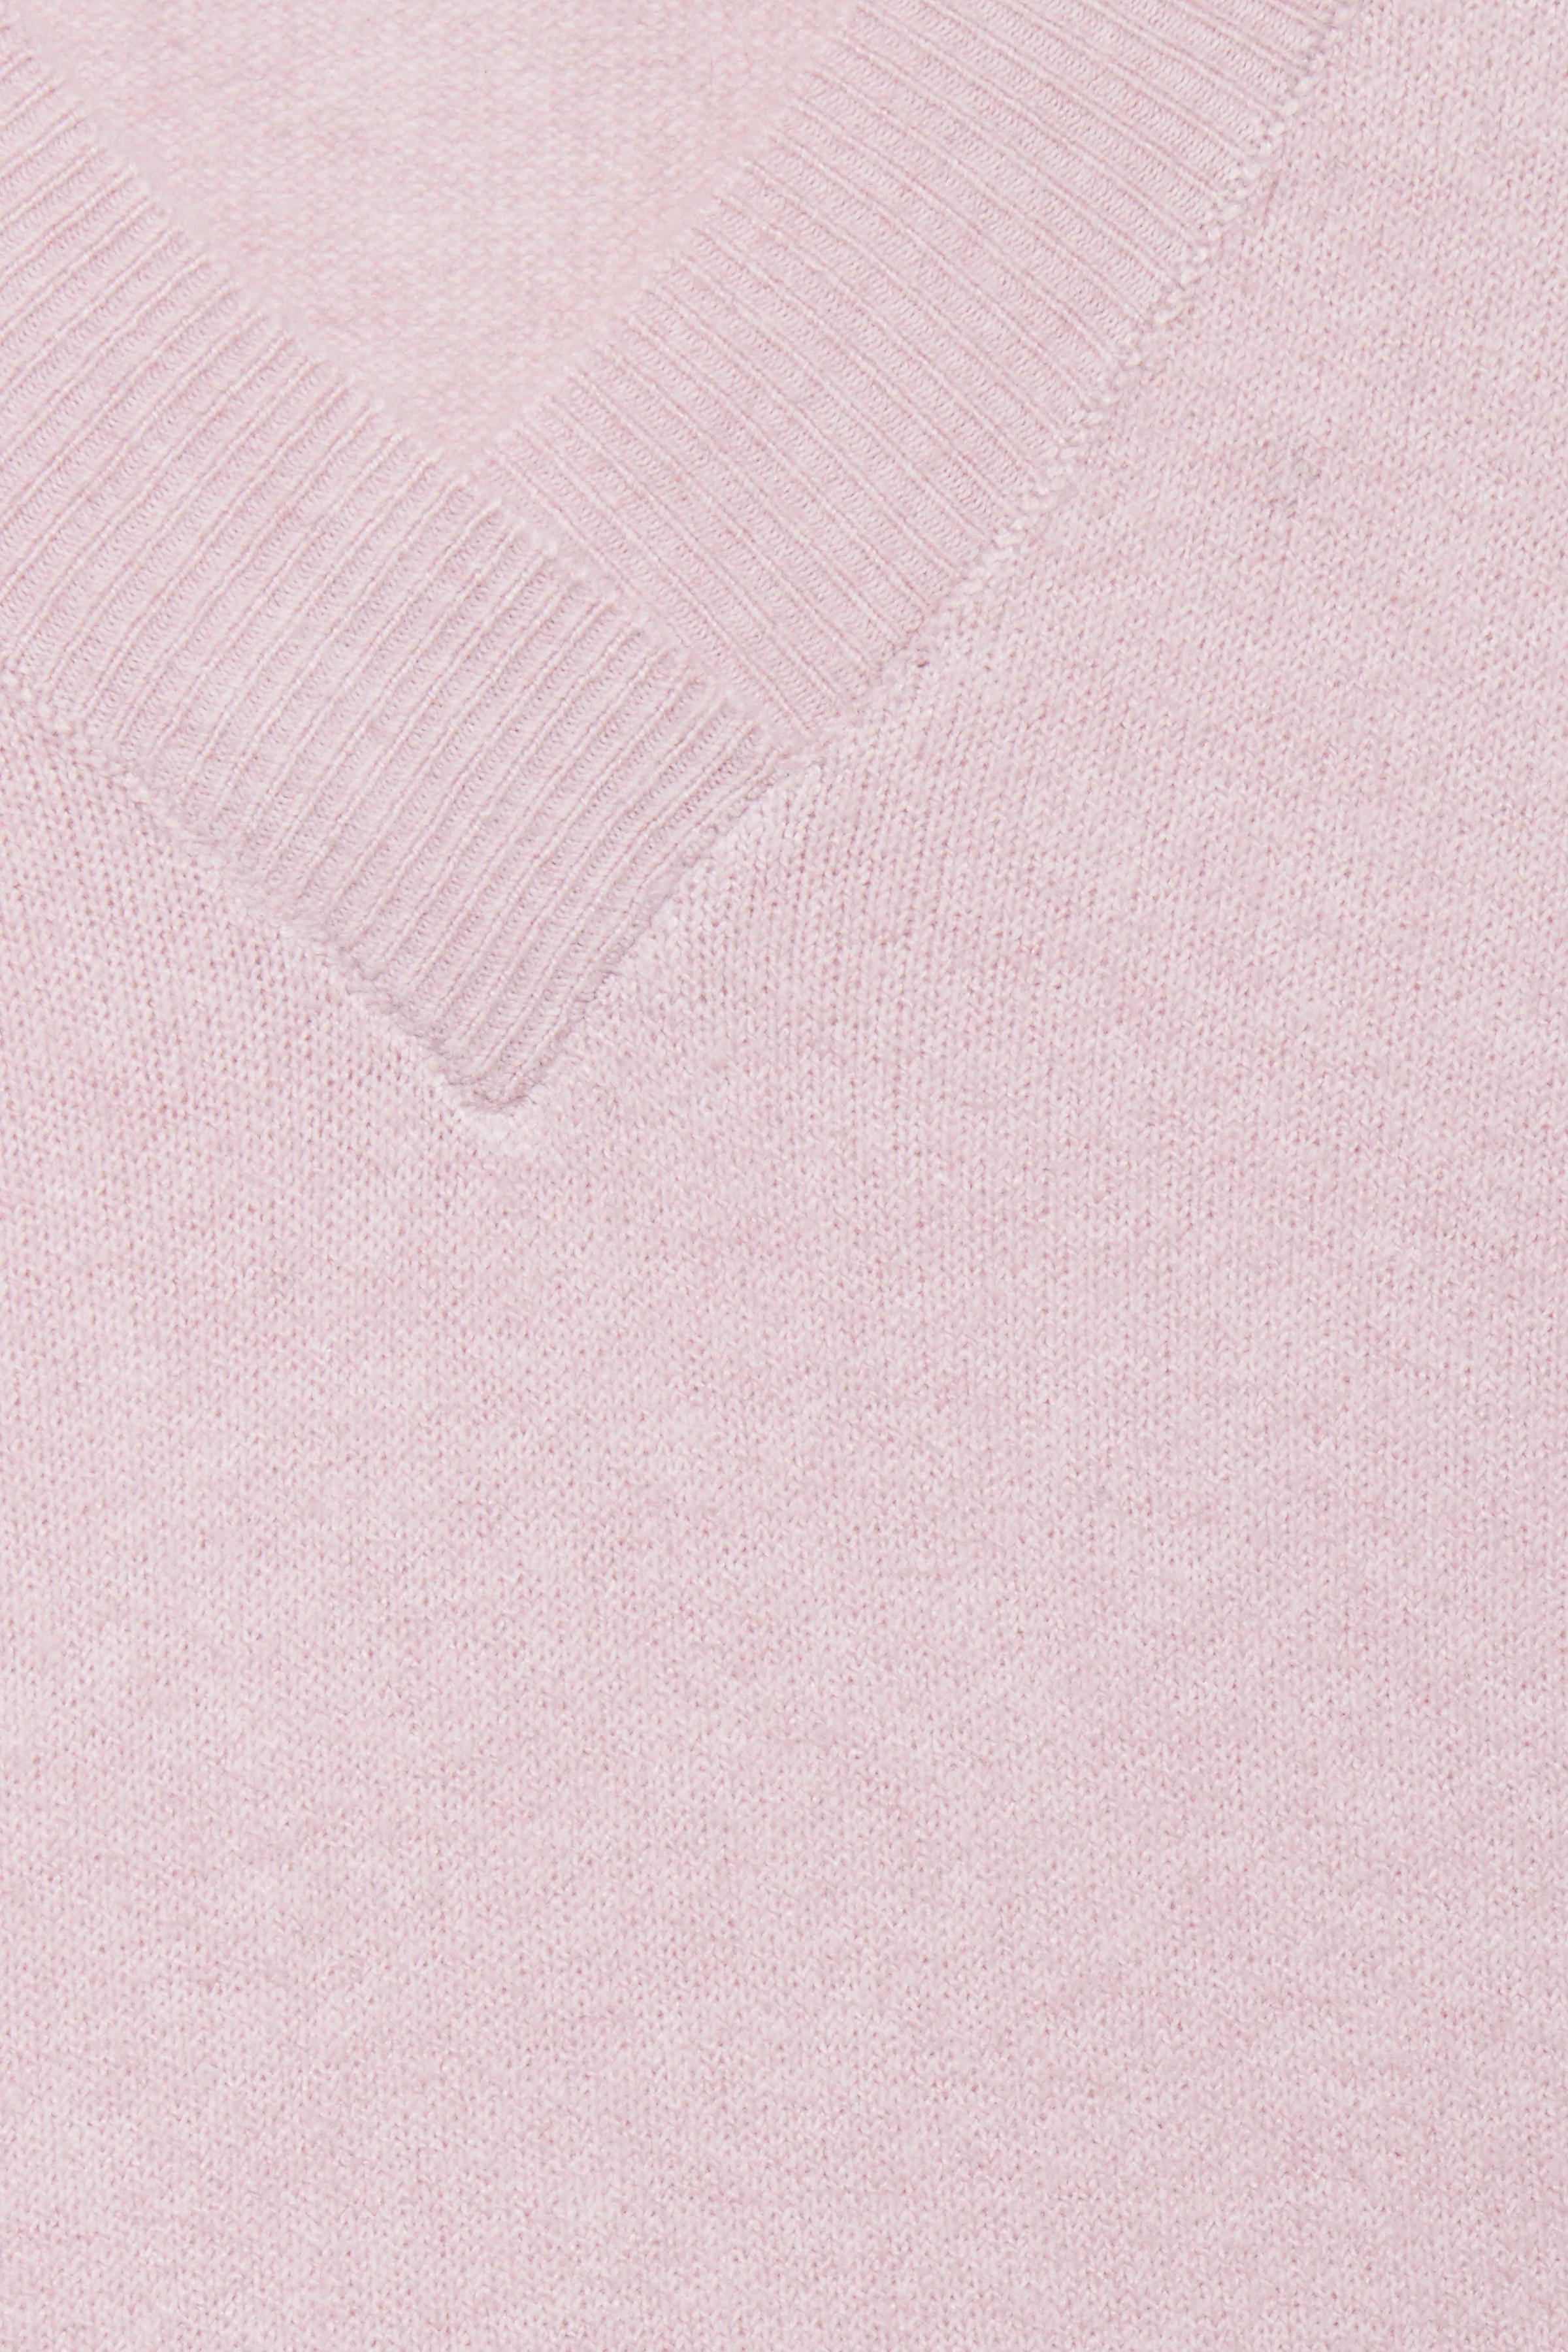 Lilac Sachet Strikpullover – Køb Lilac Sachet Strikpullover fra str. XS-L her